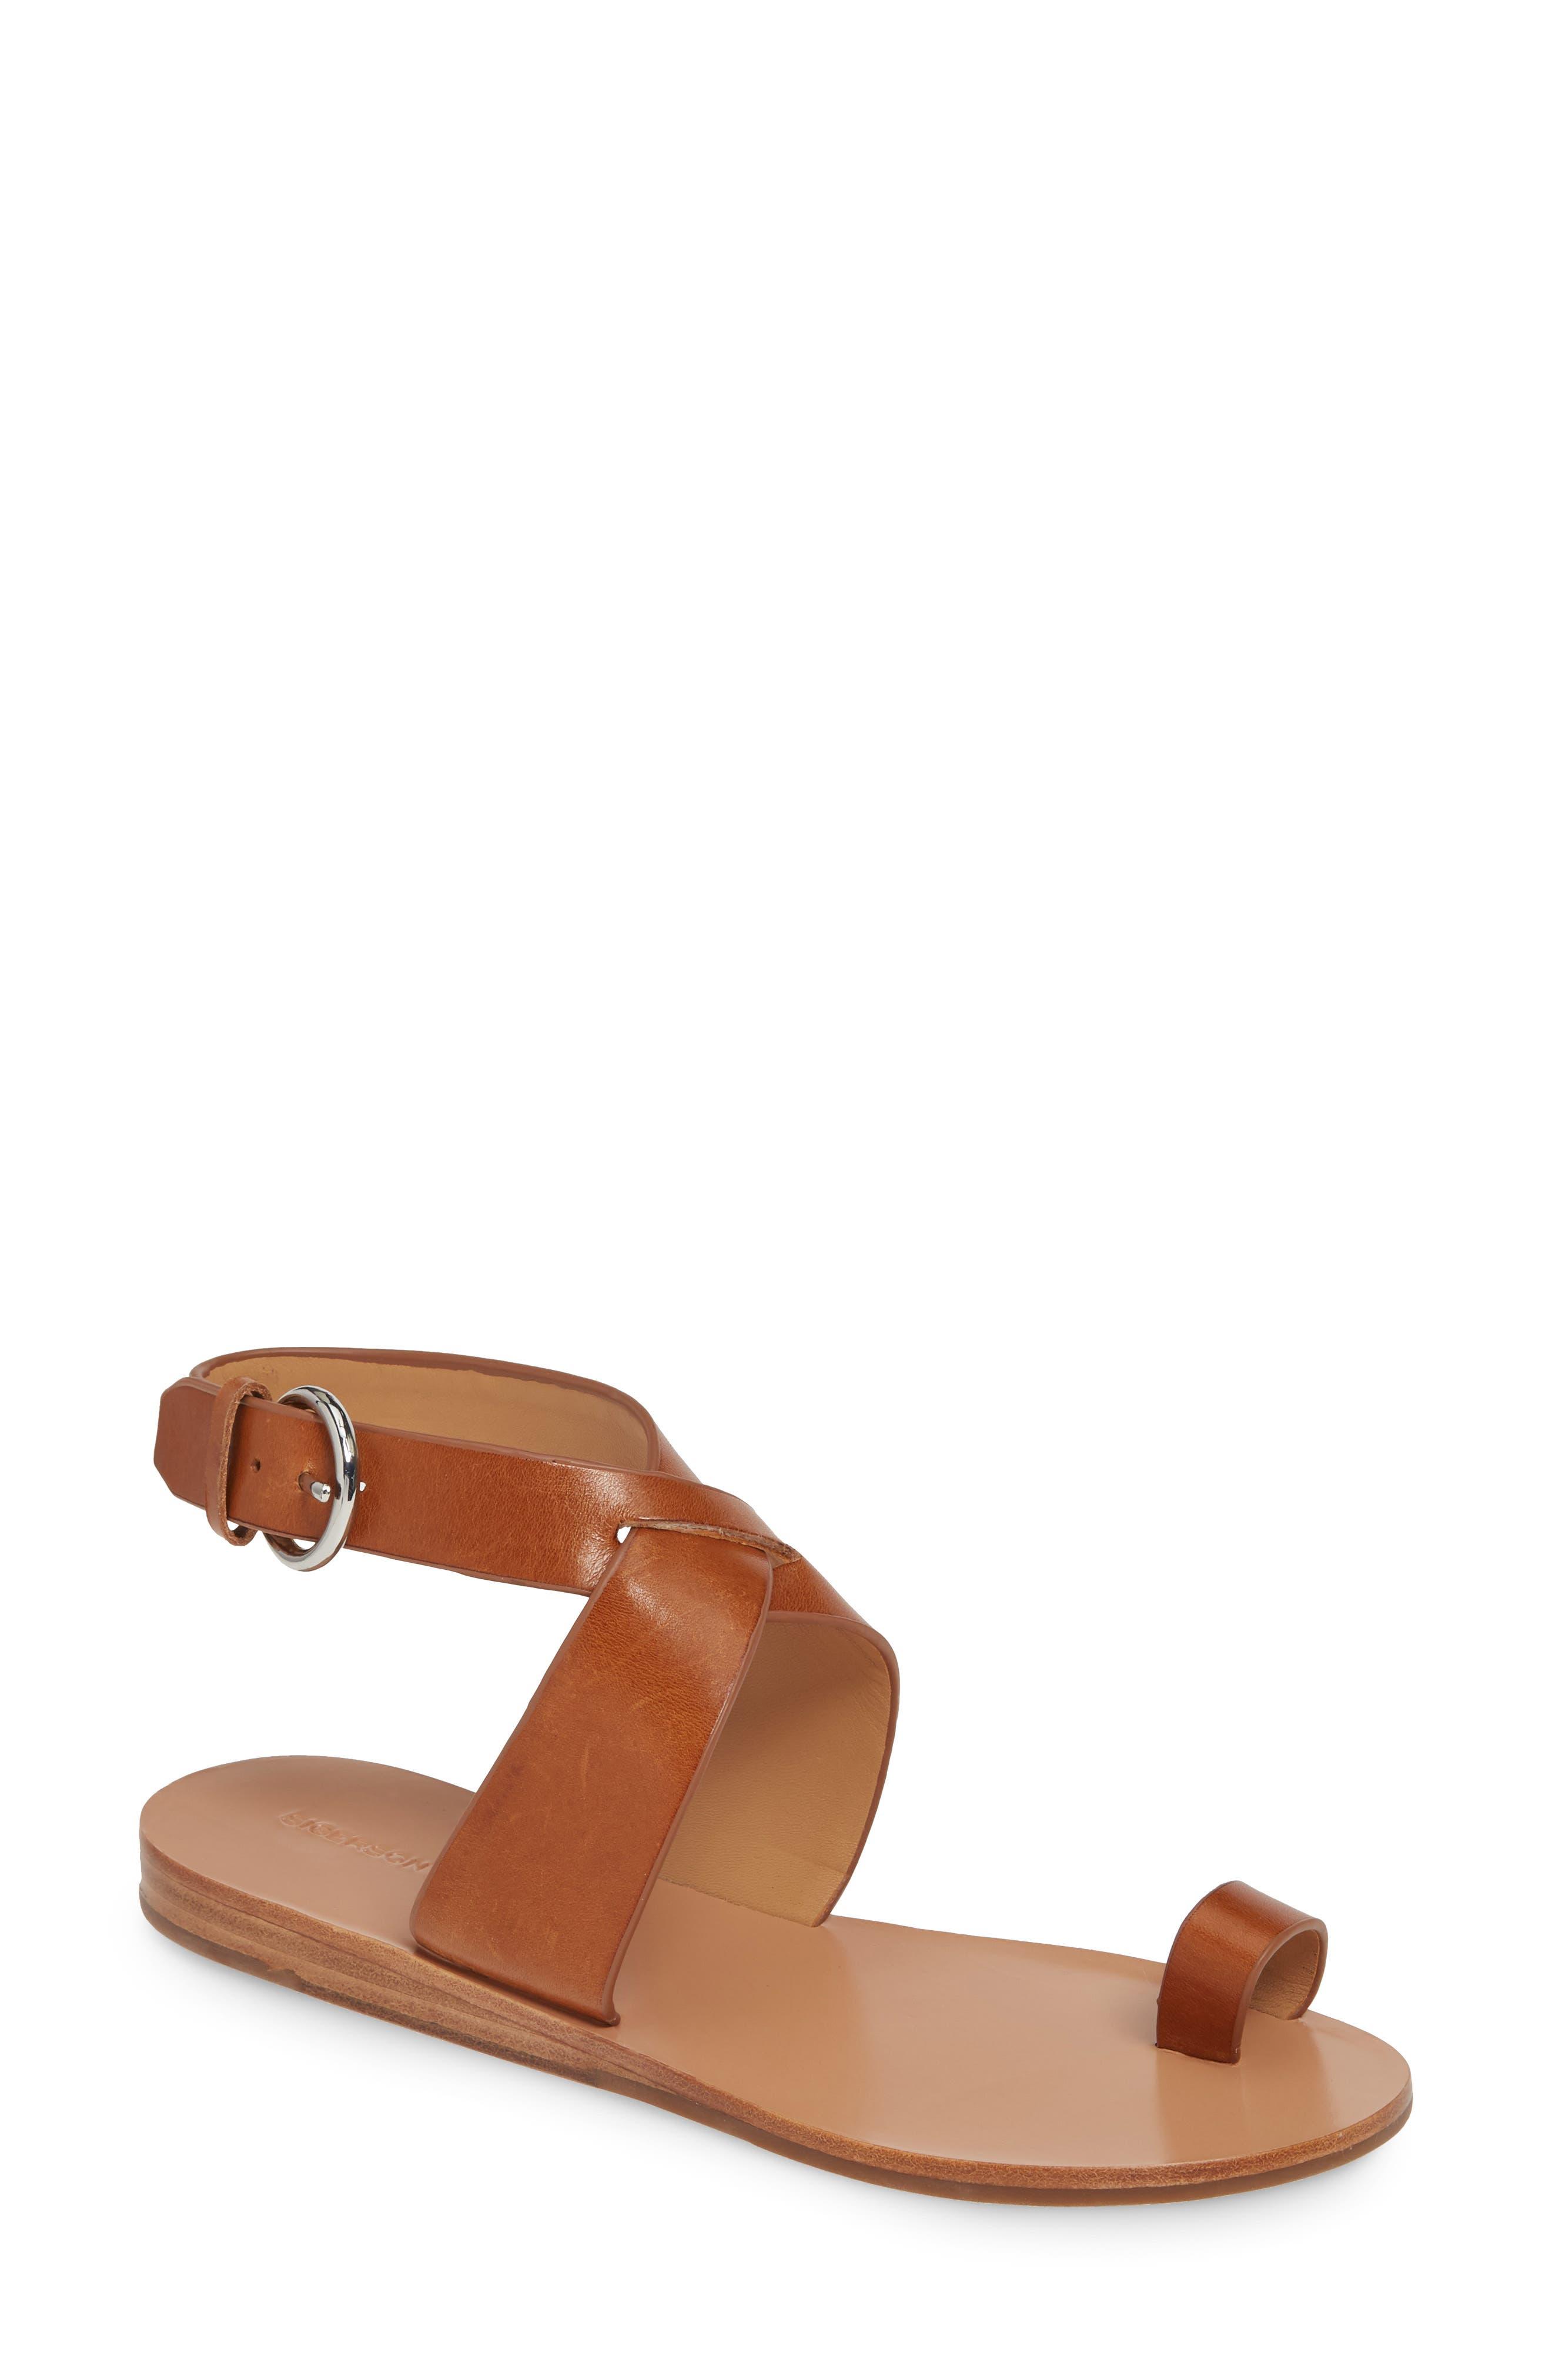 Sigerson Morrison Kyra Toe Loop Sandal, 7. - Brown